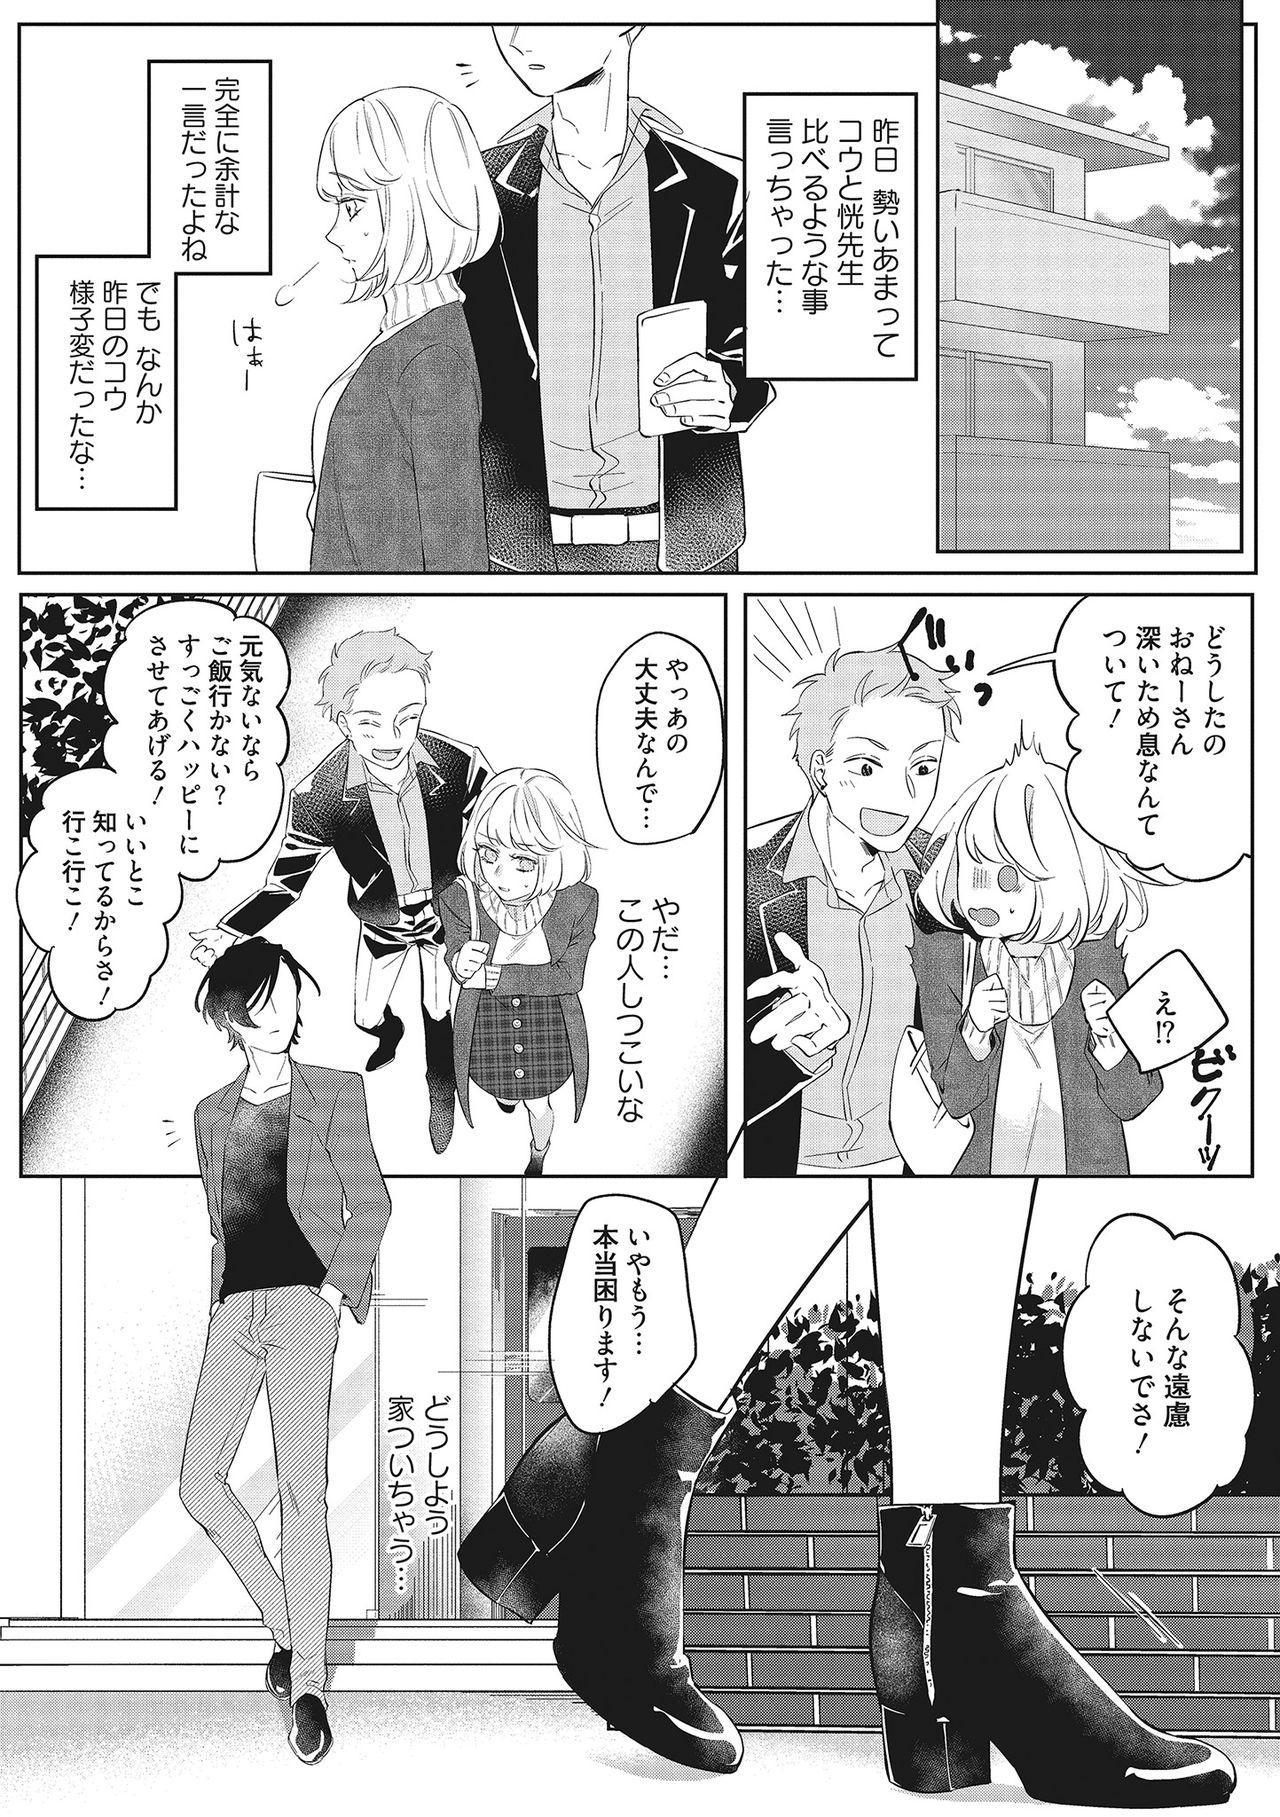 きみと勘違いロマンス 19